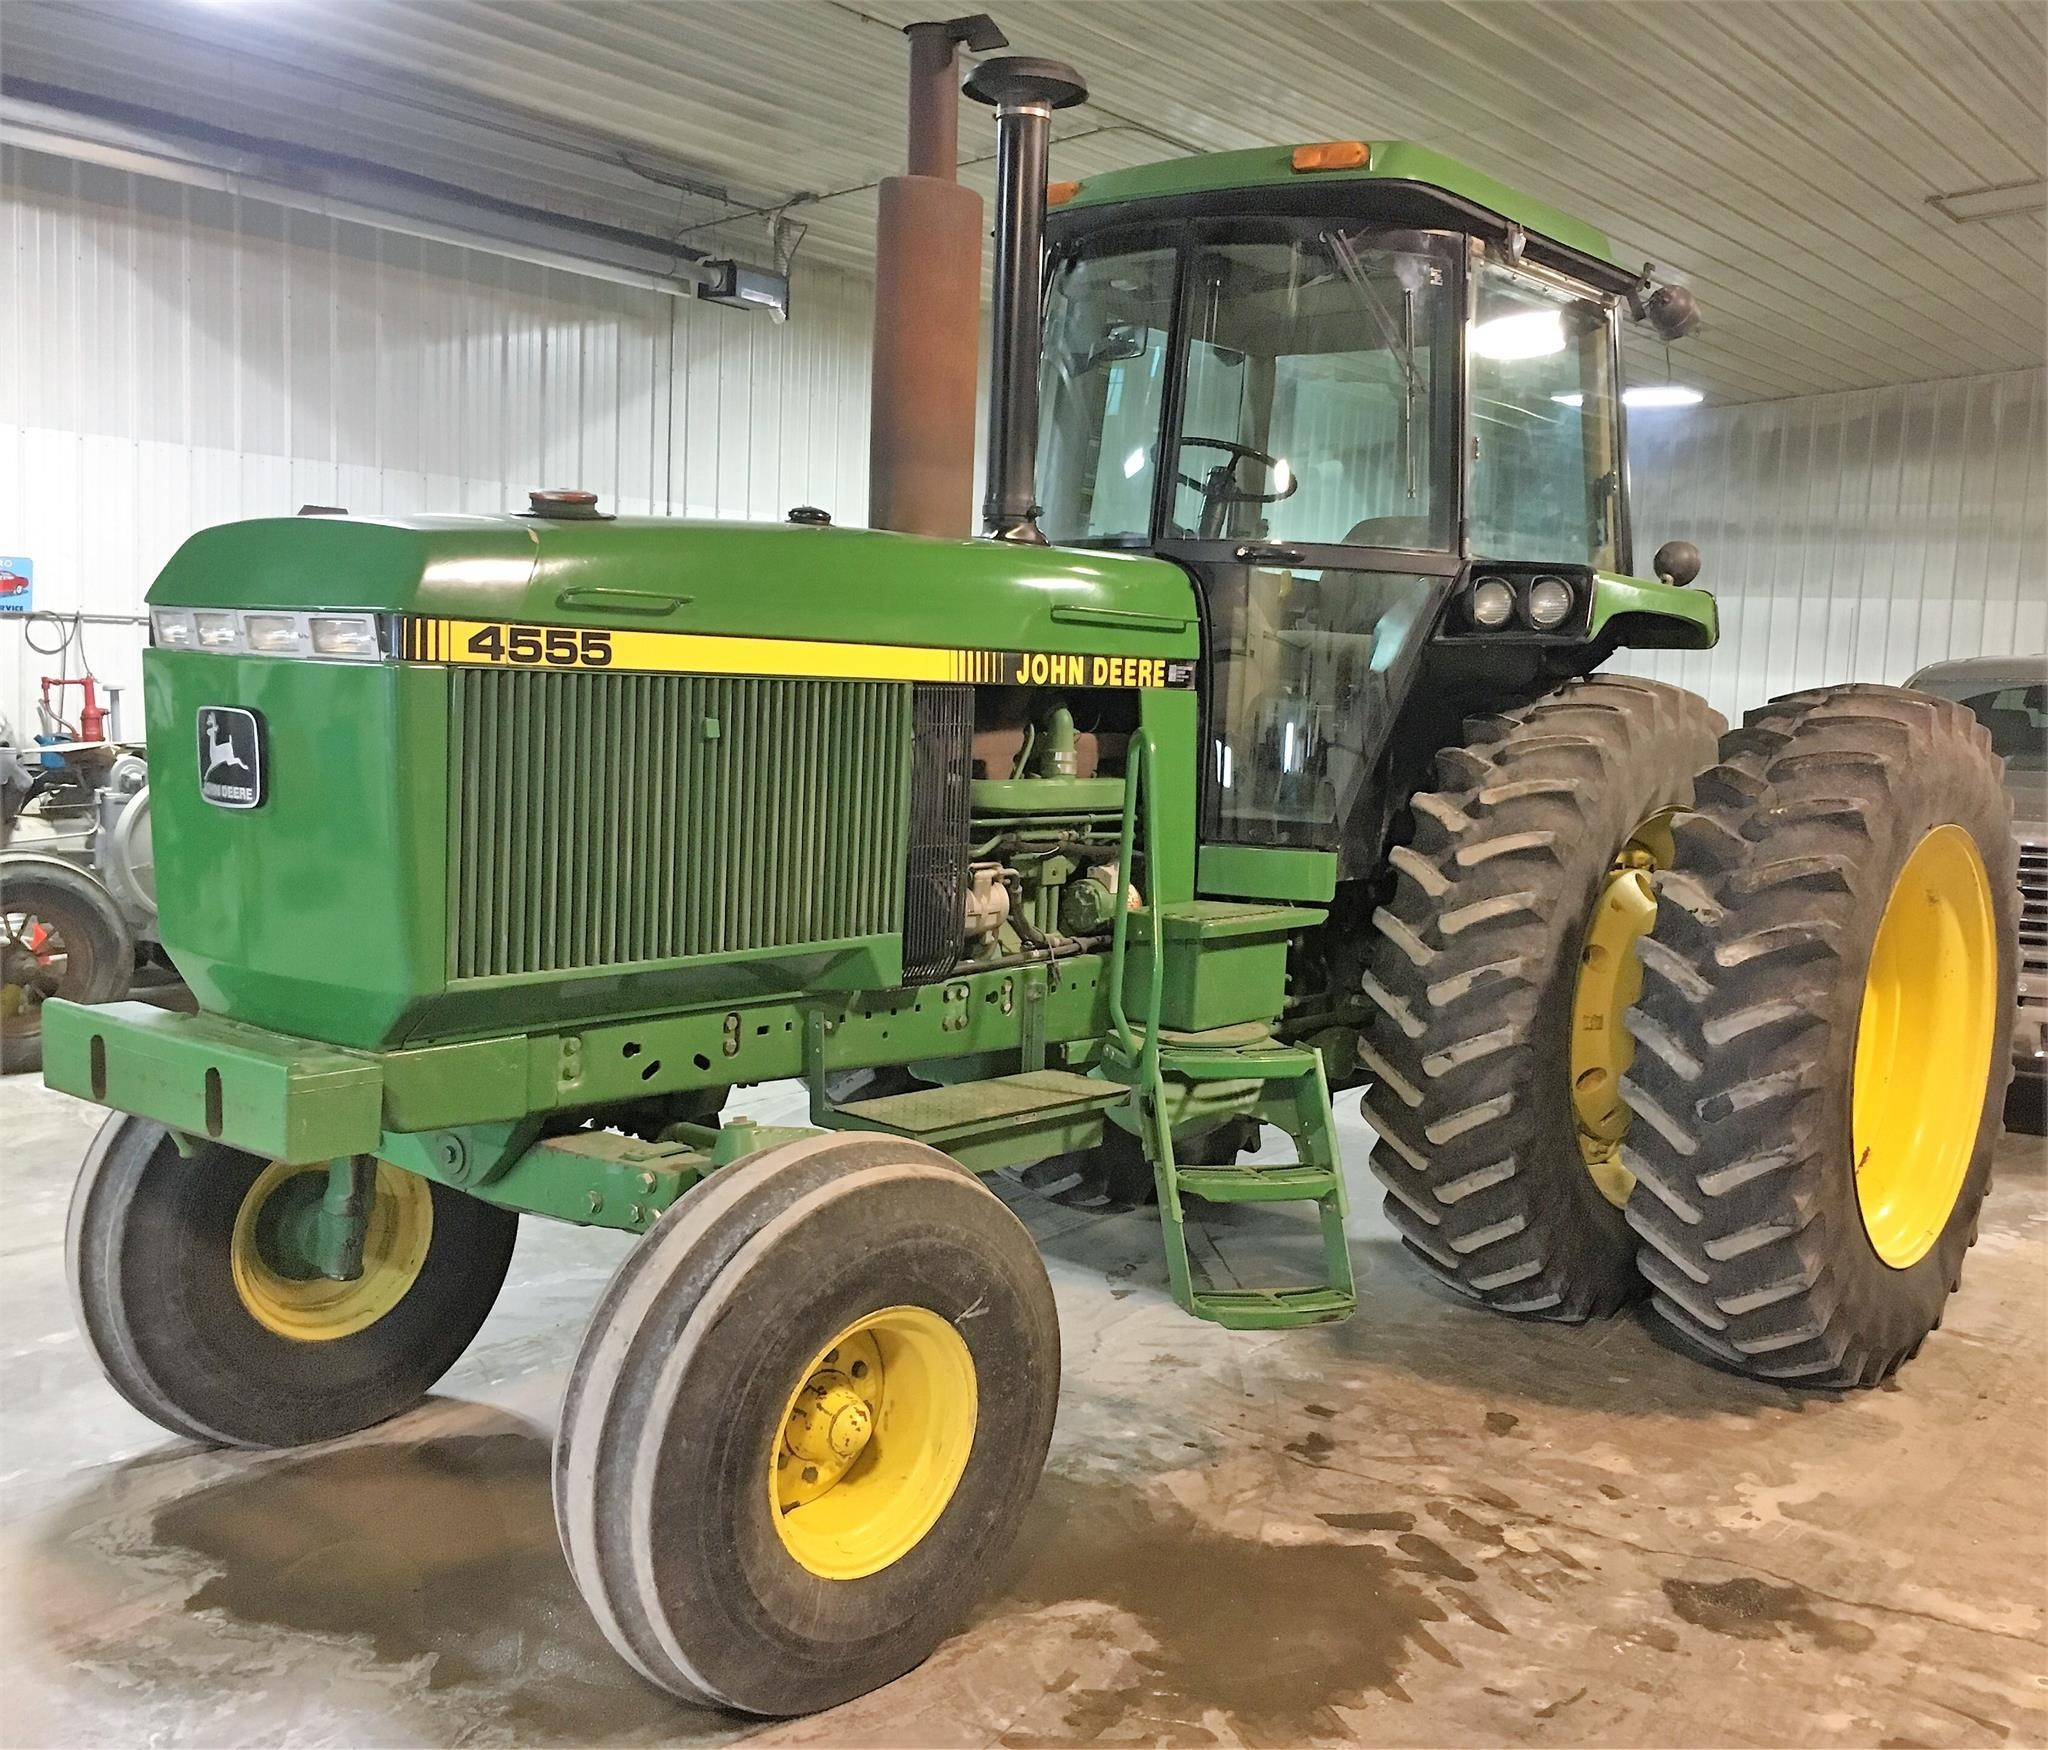 1989 John Deere 4555 Tractor